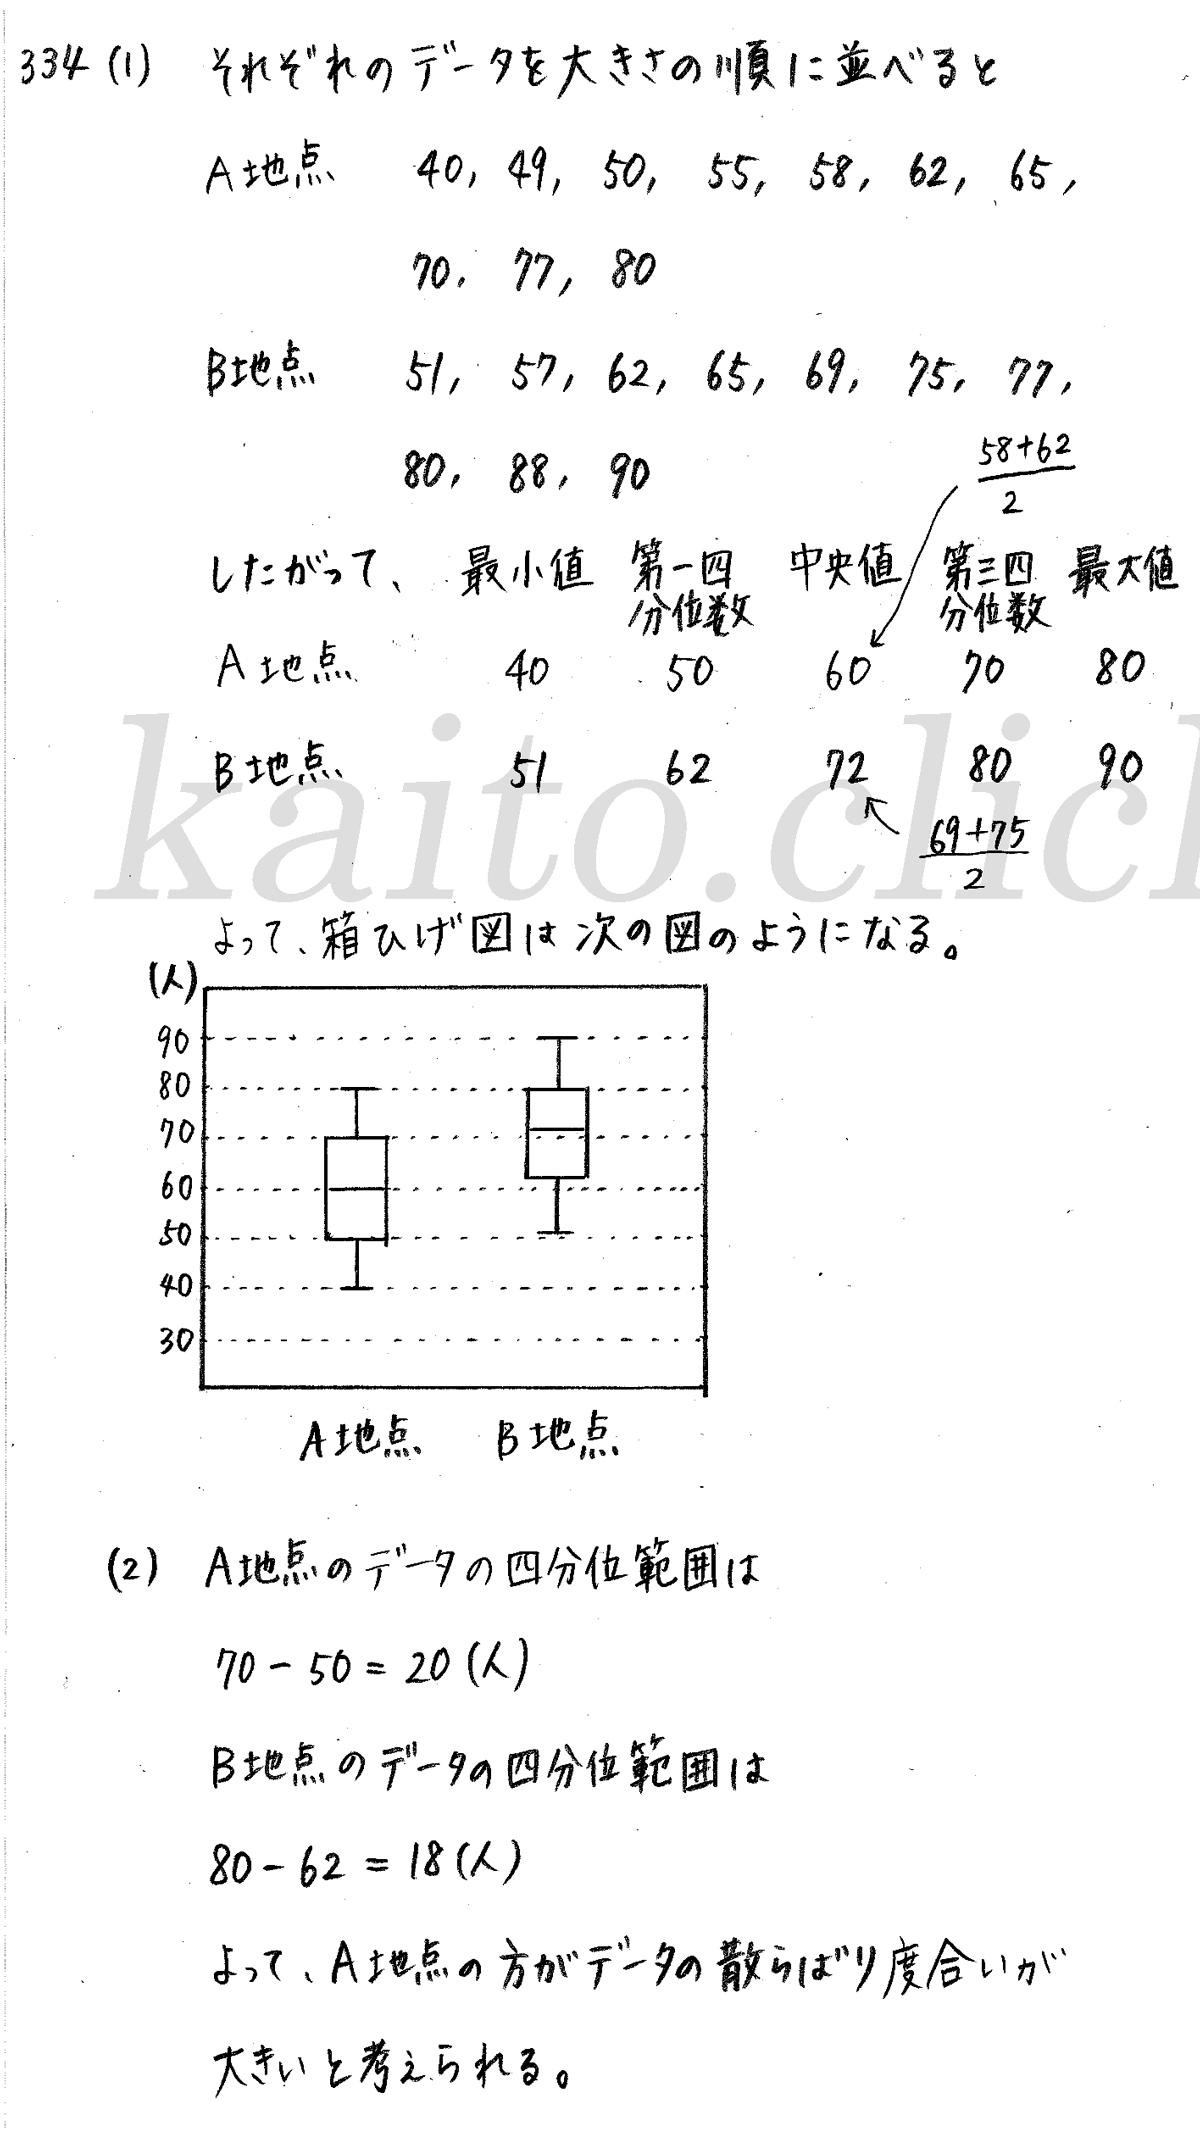 クリアー数学1-334解答